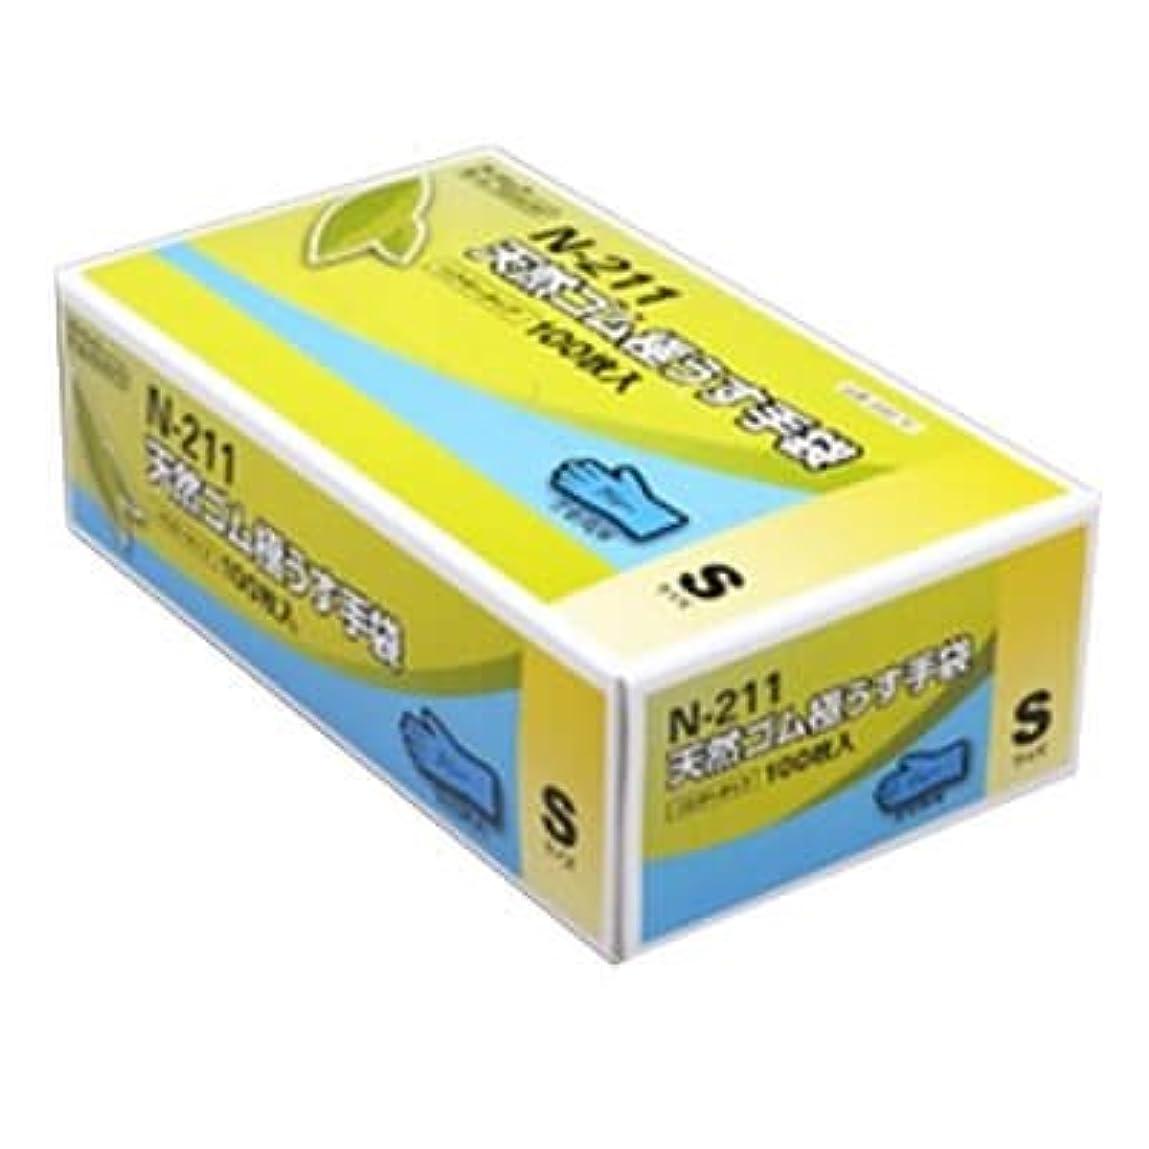 モール反毒悪魔【ケース販売】 ダンロップ 天然ゴム極うす手袋 N-211 S ブルー (100枚入×20箱)